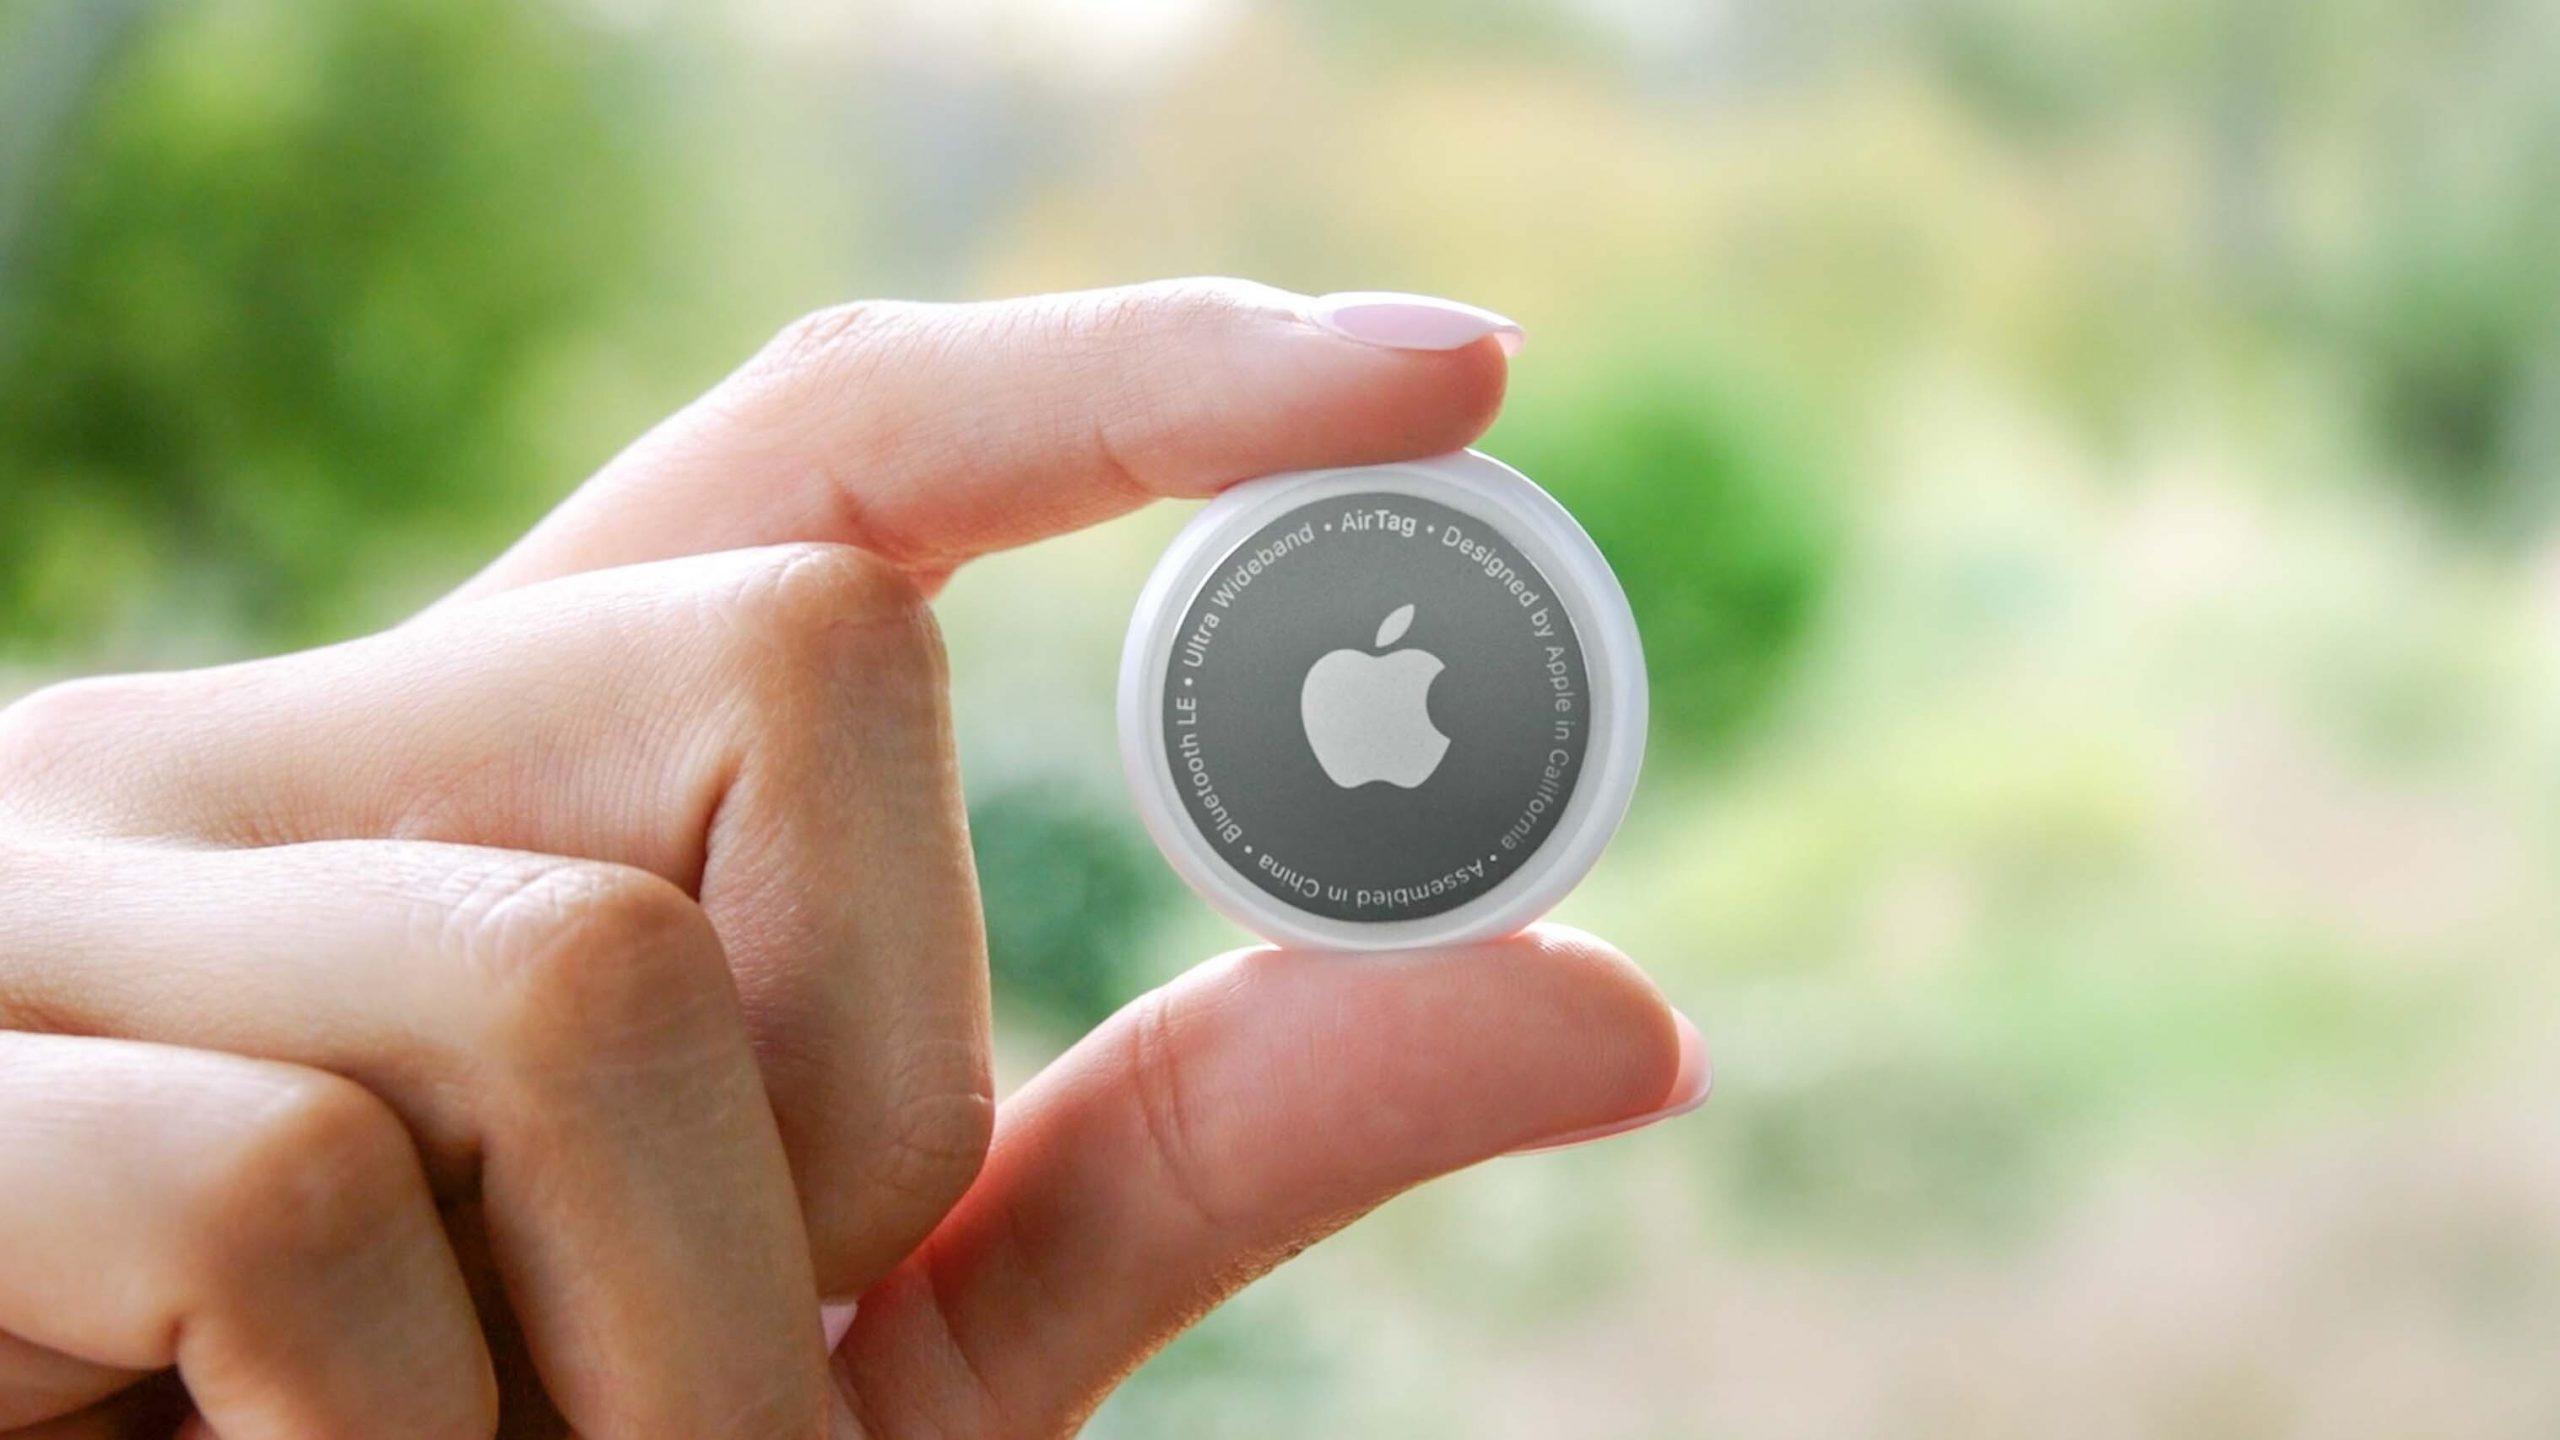 Tháo tung Apple AirTag cùng iFixit: Nhỏ gọn nhưng khó mở